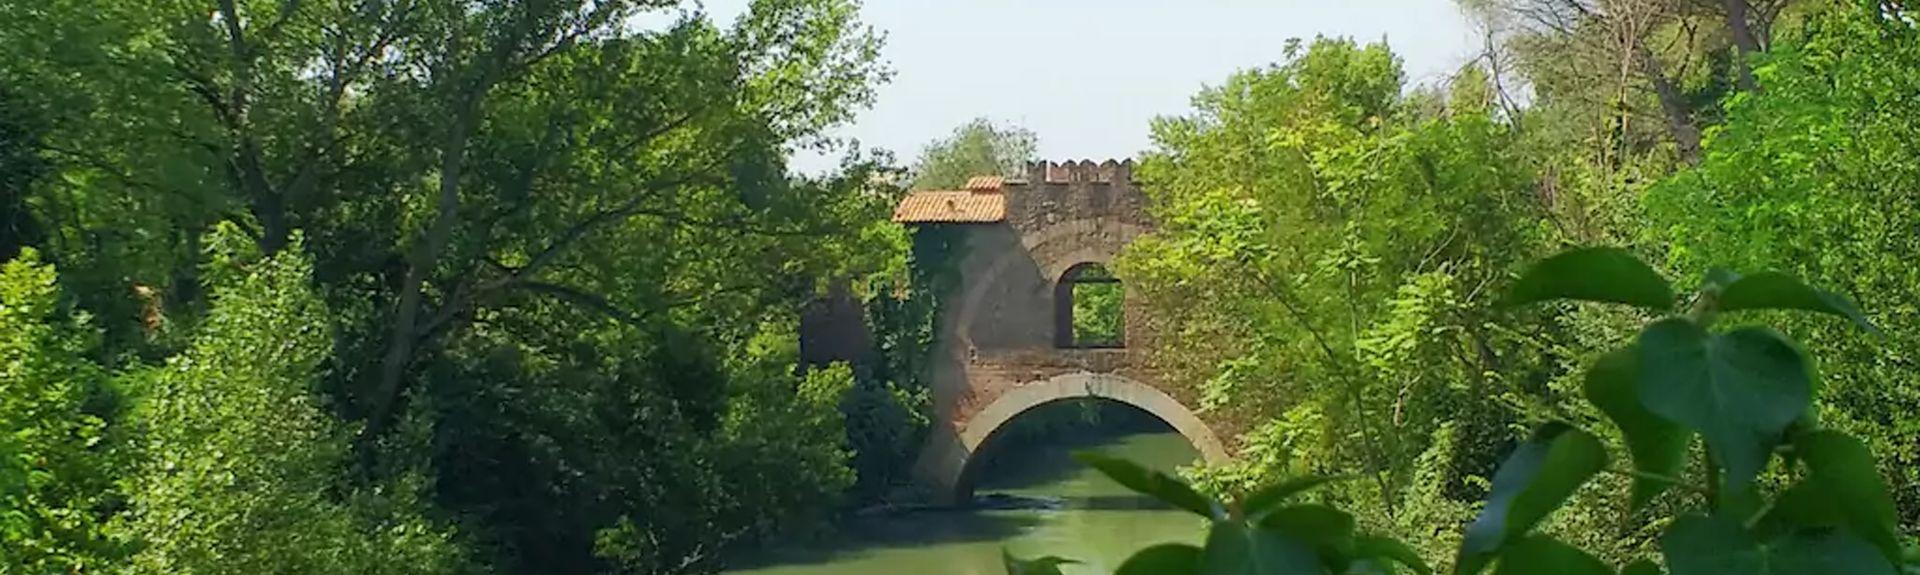 Riano, Metropolitan City of Rome, Lazio, Italy